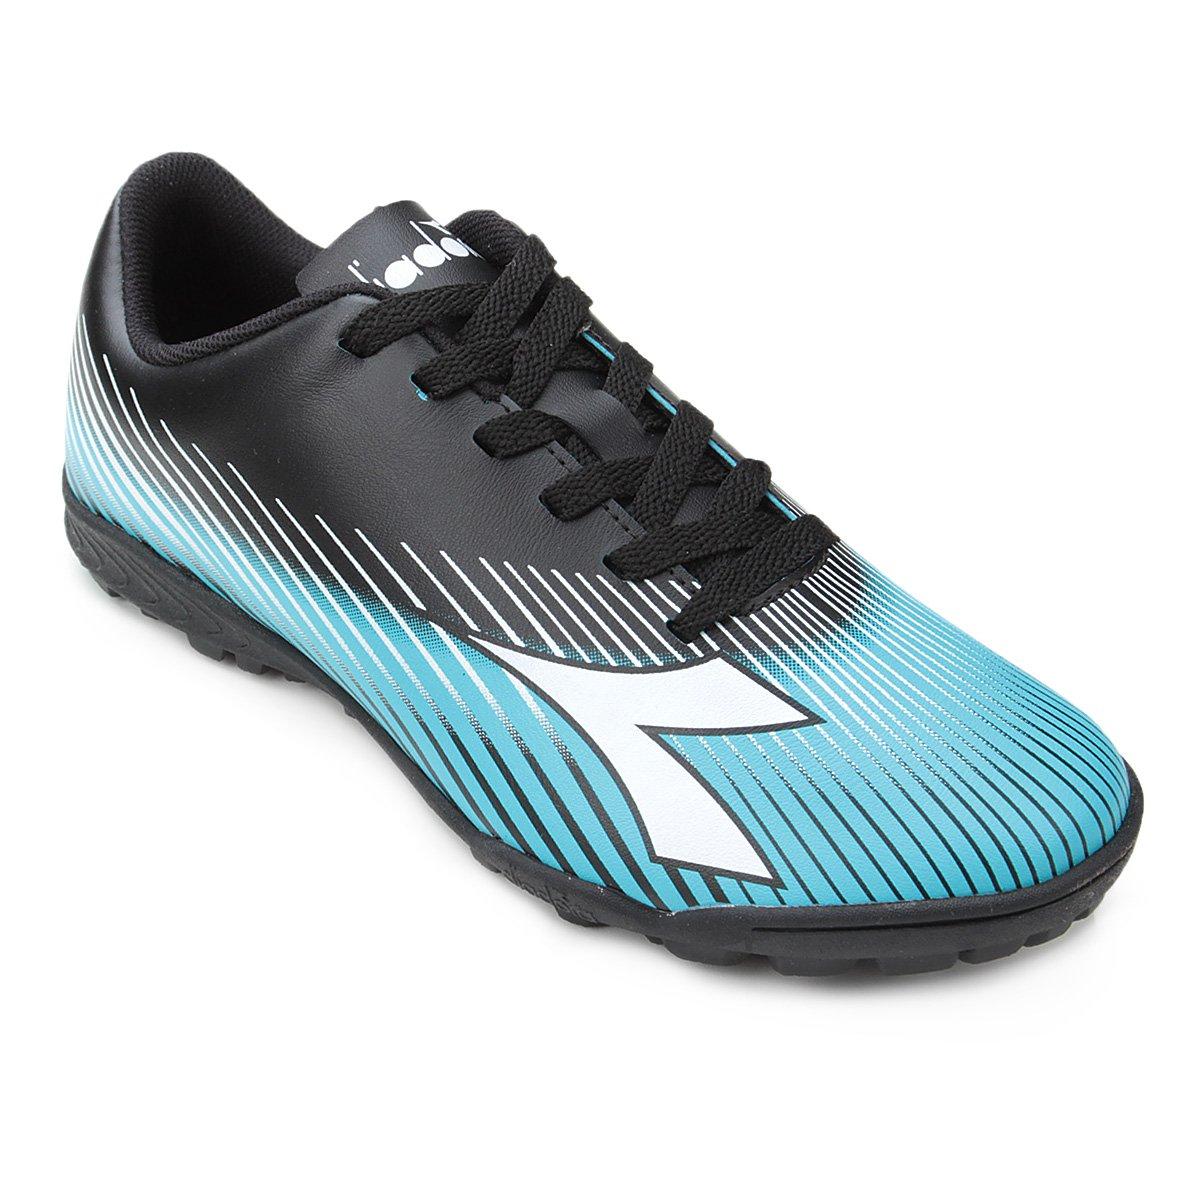 Chuteira Society Diadora Rules - Preto e Azul - Compre Agora  55e560da5c047